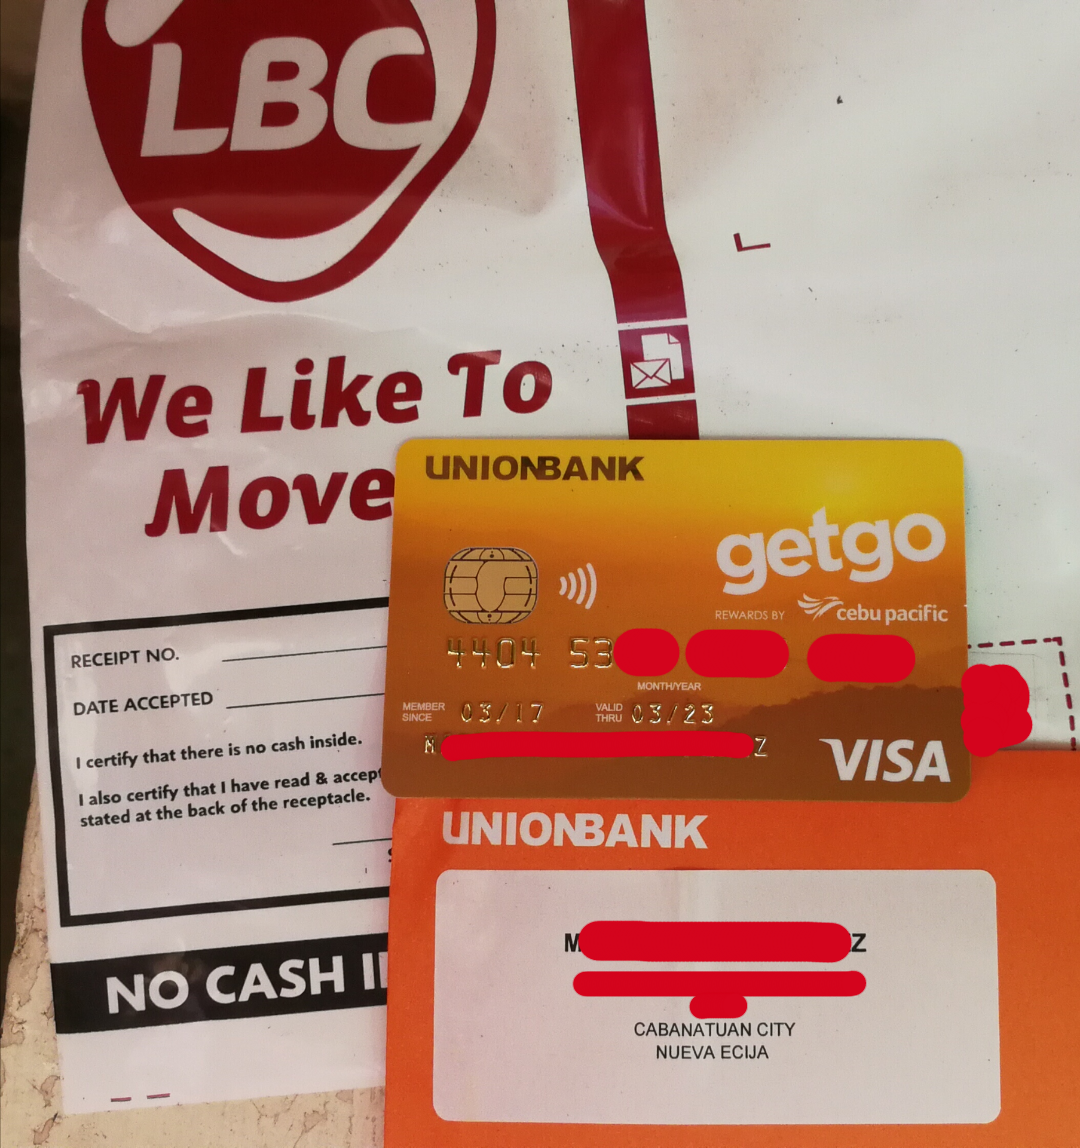 bank sa credit card application status